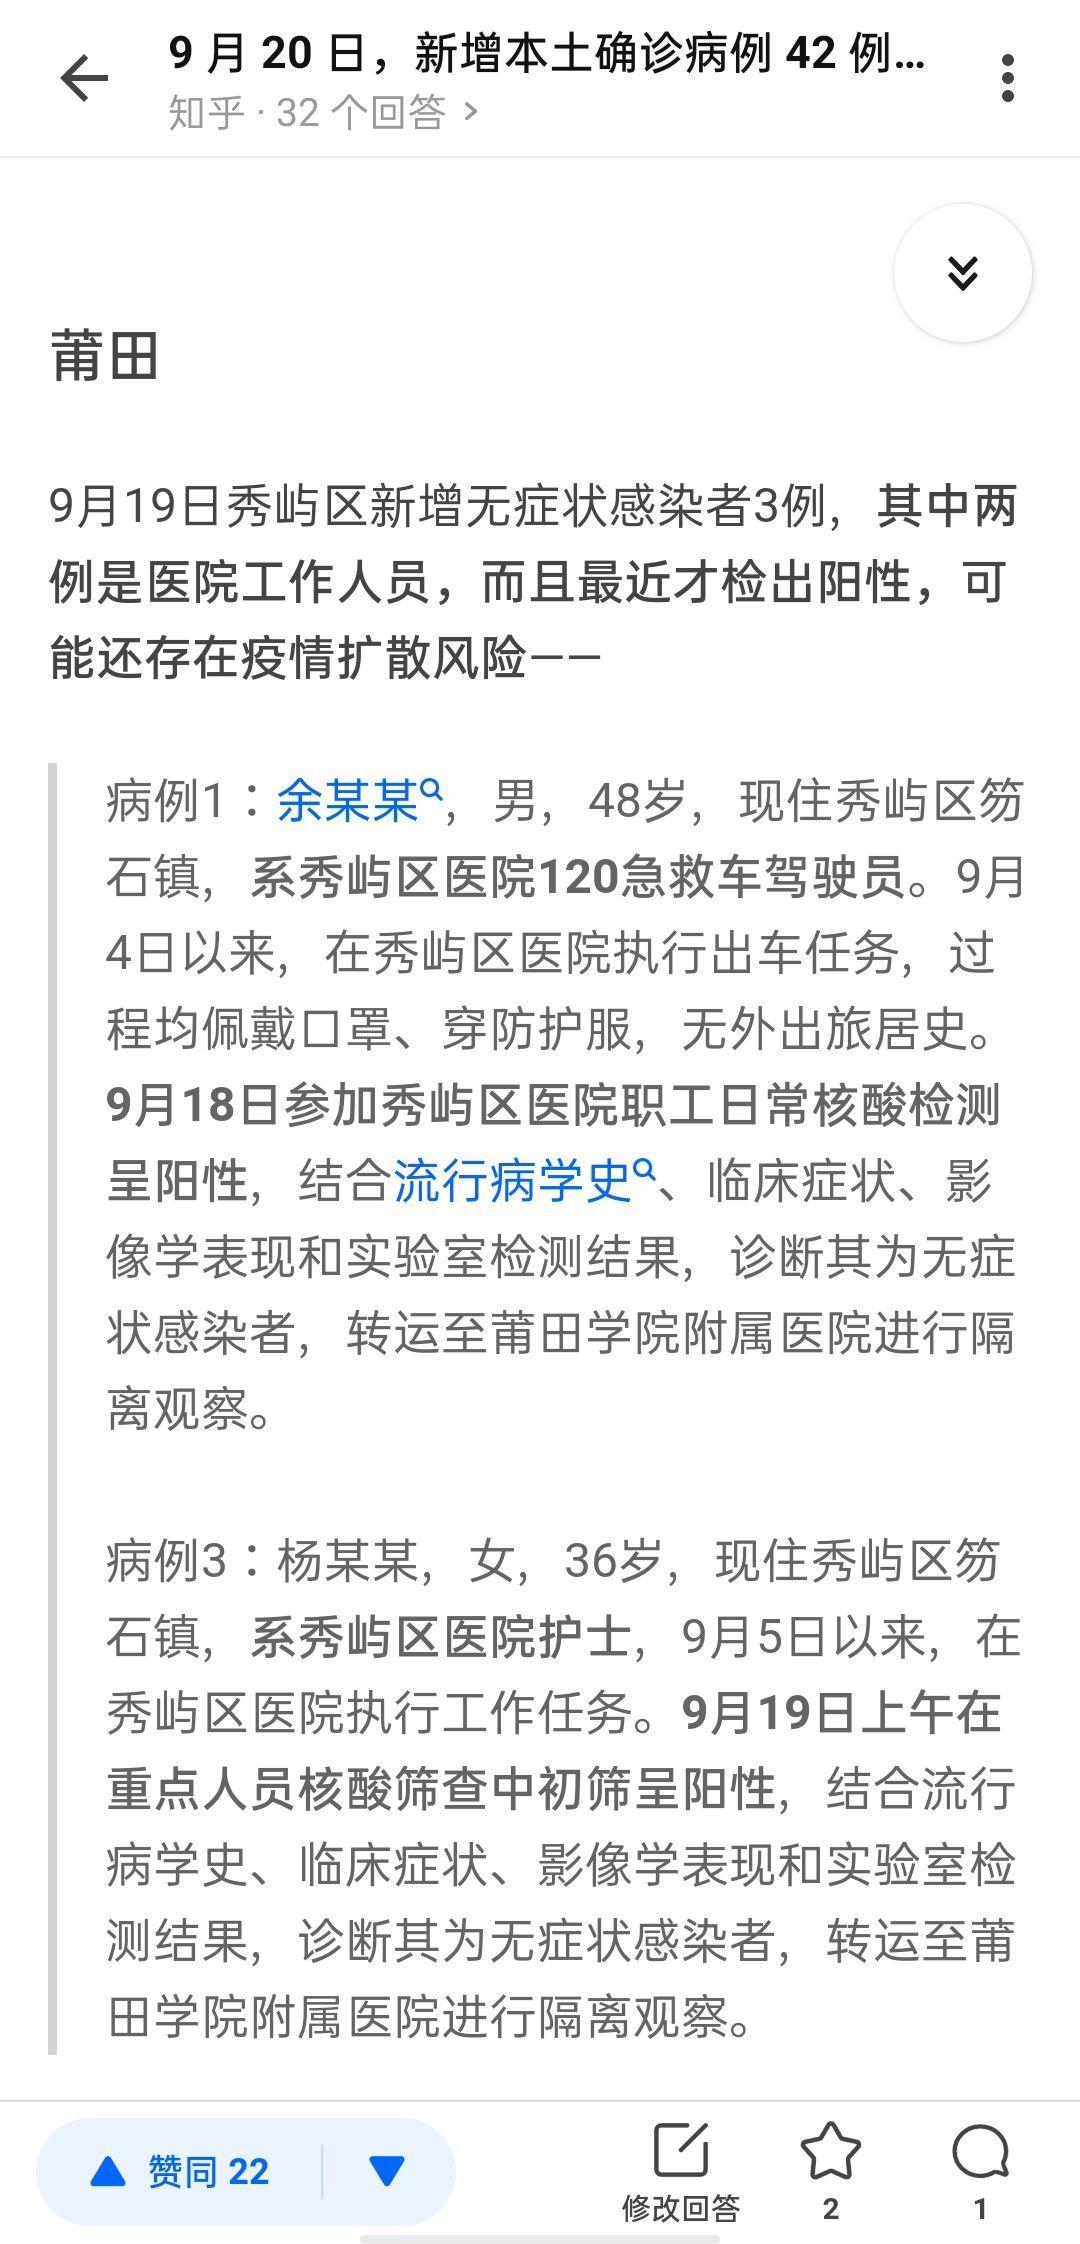 张伯礼称福建疫情仍有扩散风险,相信一个月左右能控制住 ...